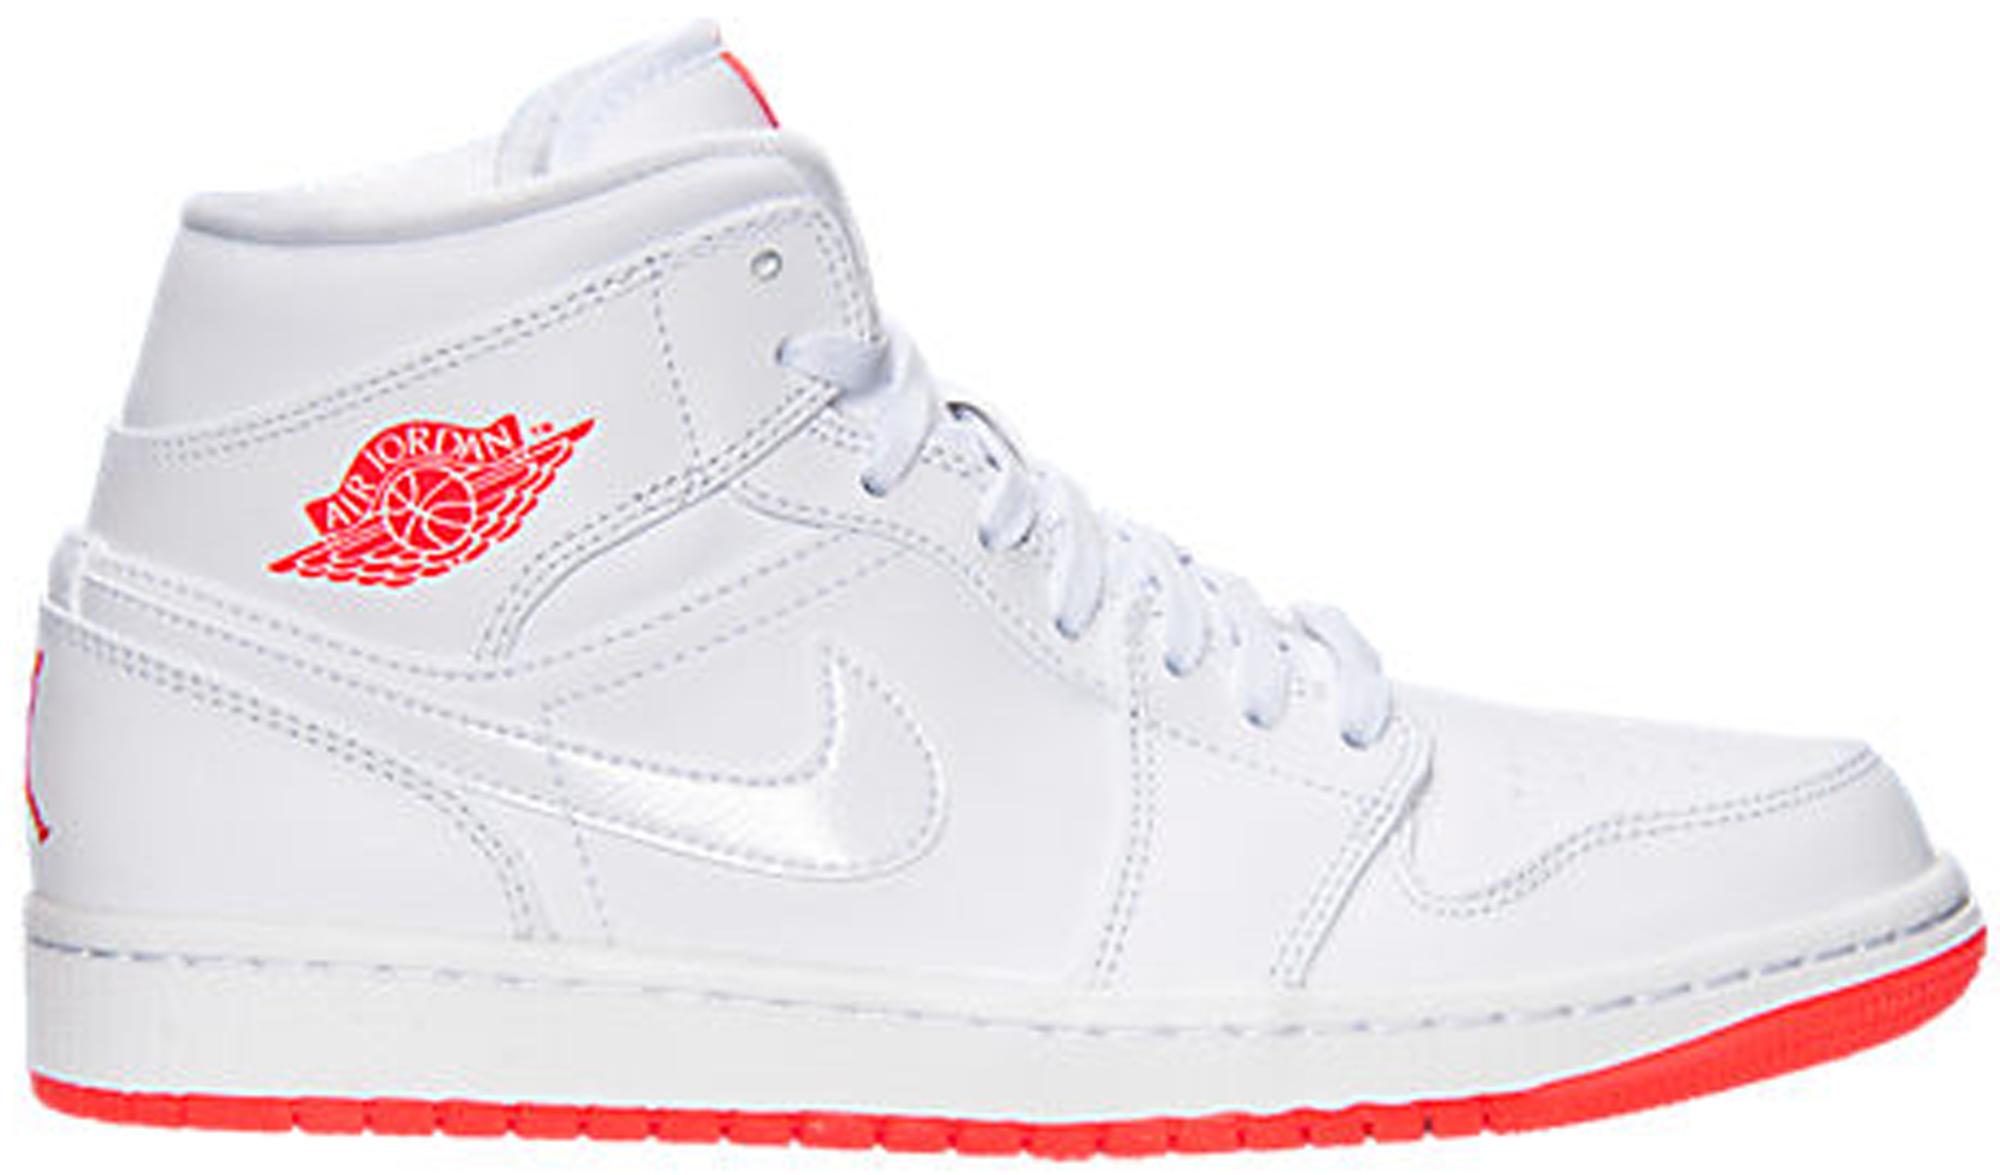 Jordan 1 Mid White Infrared 23 - 667399-123